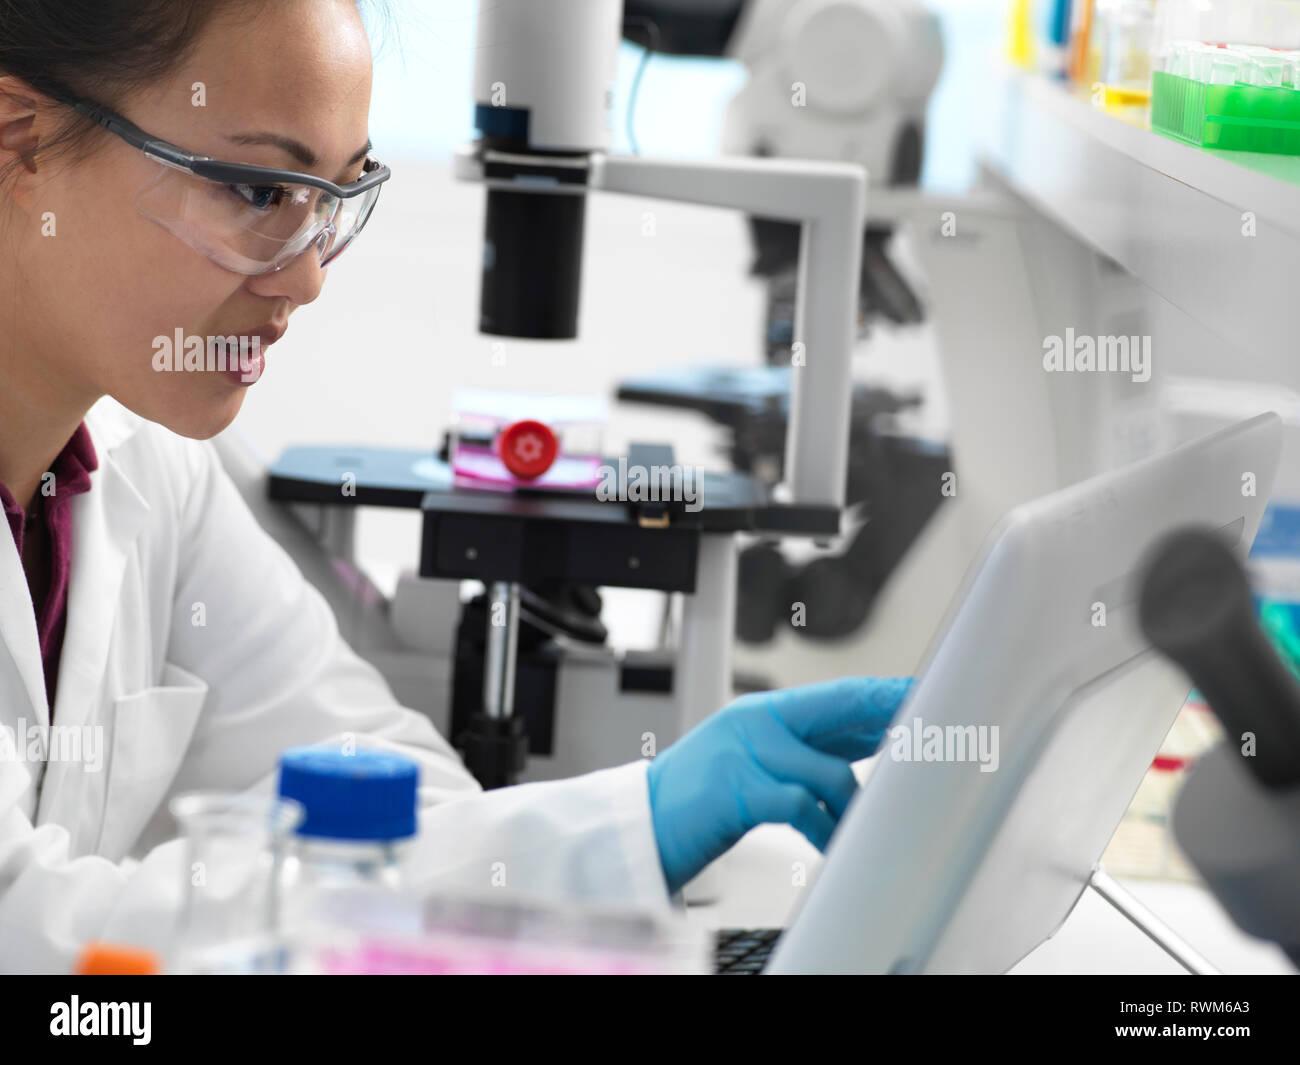 Visualización de los resultados científicos en el equipo durante el experimento en el laboratorio Foto de stock